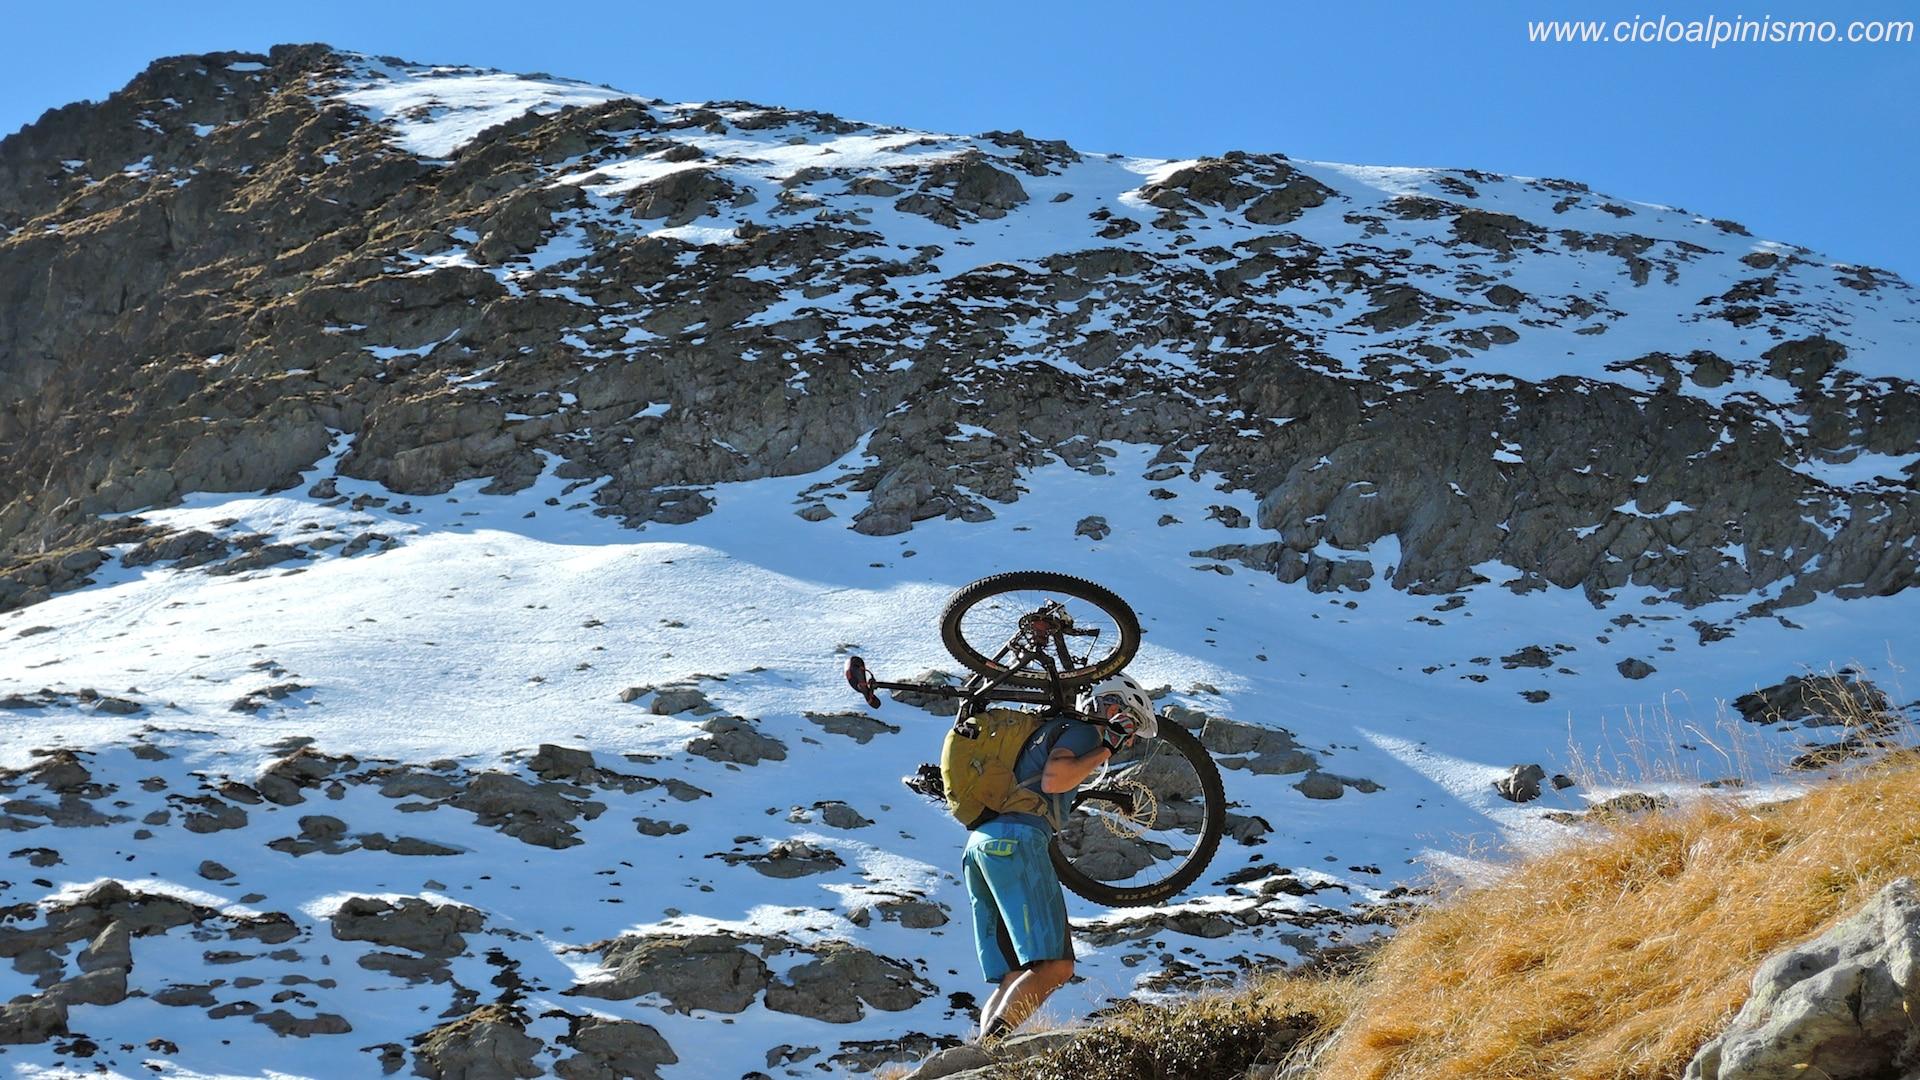 Photo of Mai provato il cicloalpinismo?